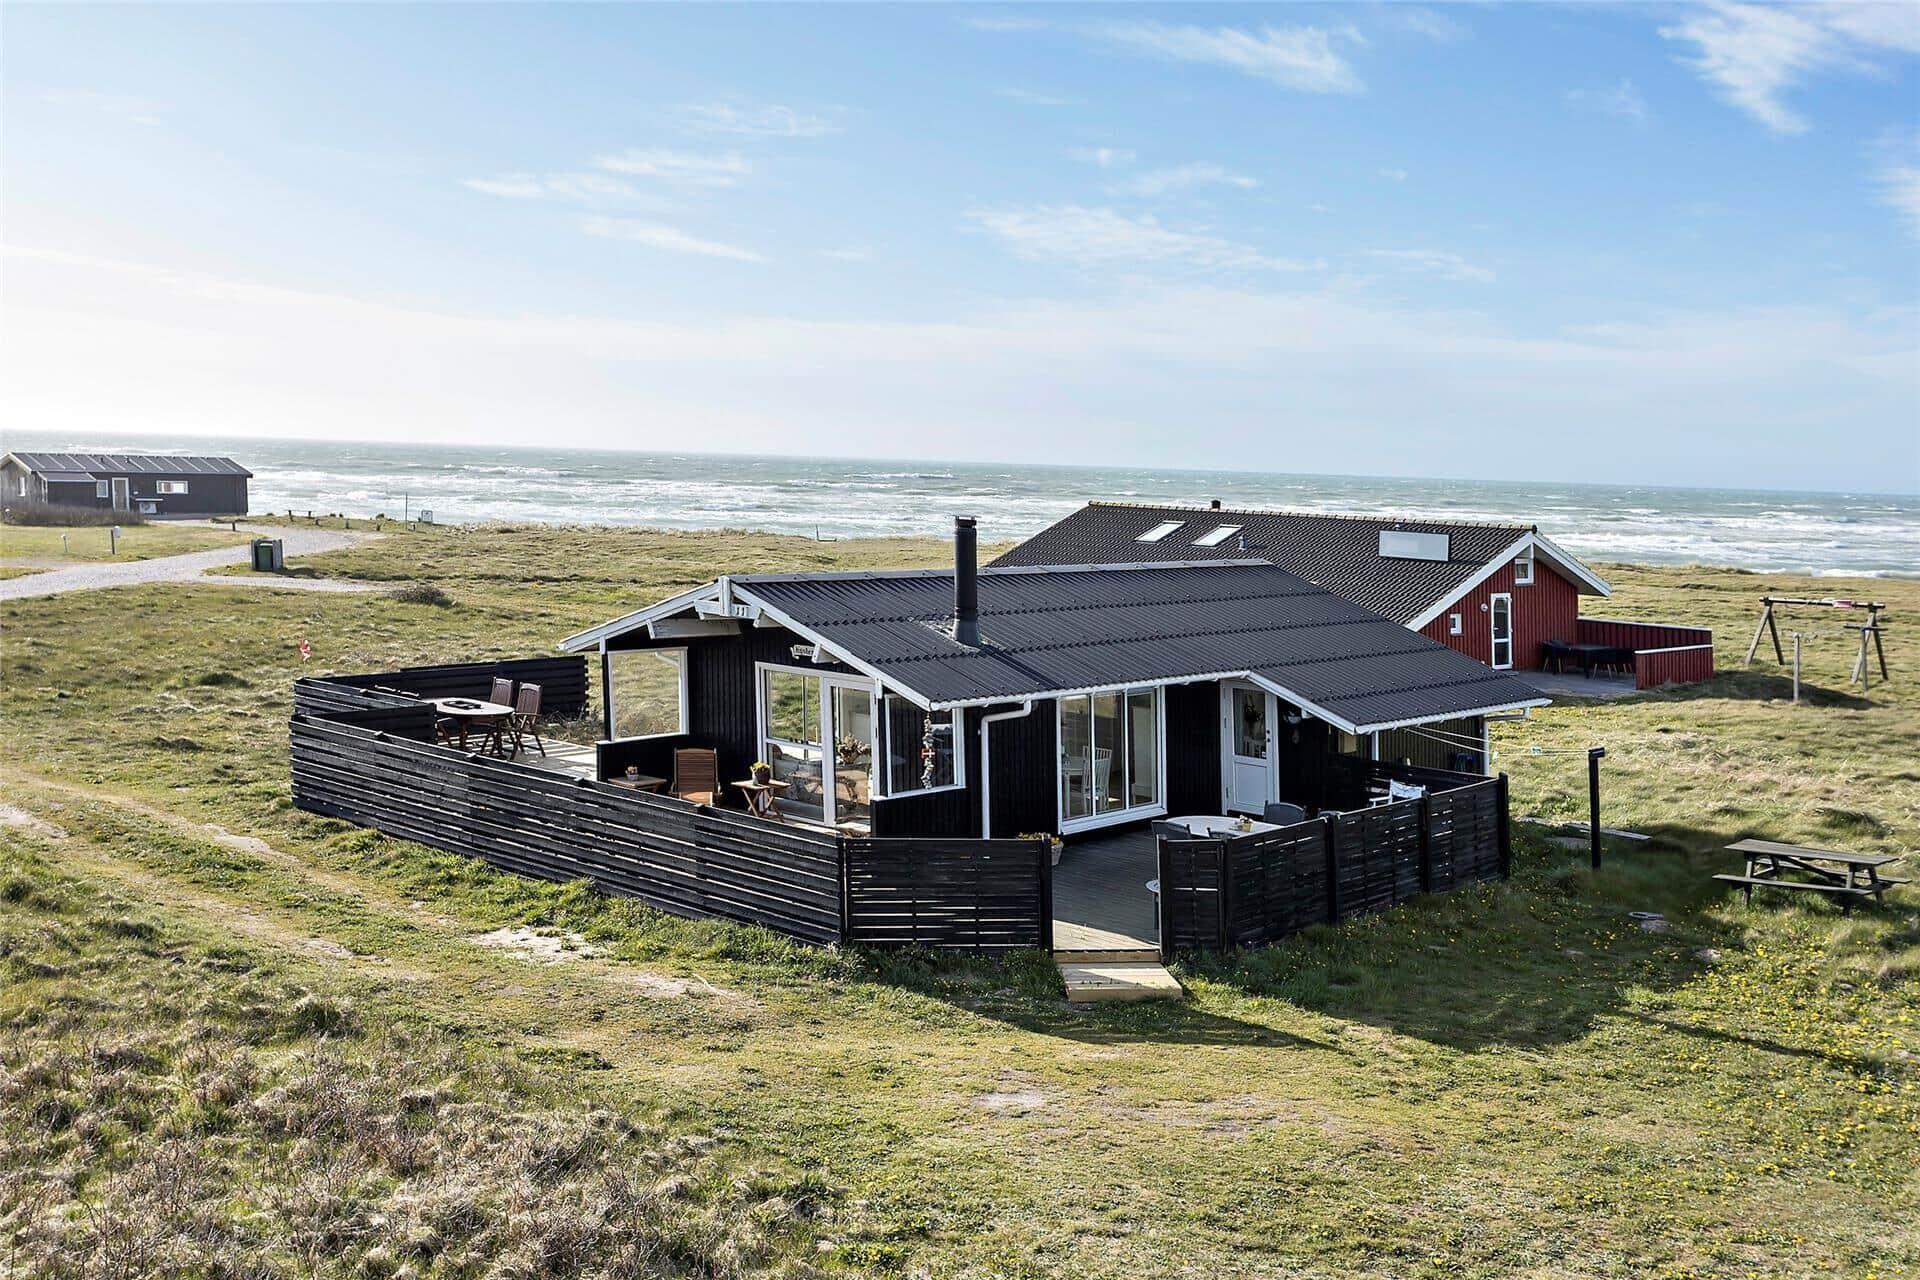 Billede 1-178 Sommerhus LN1779, Januarvej 11, DK - 9800 Hjørring